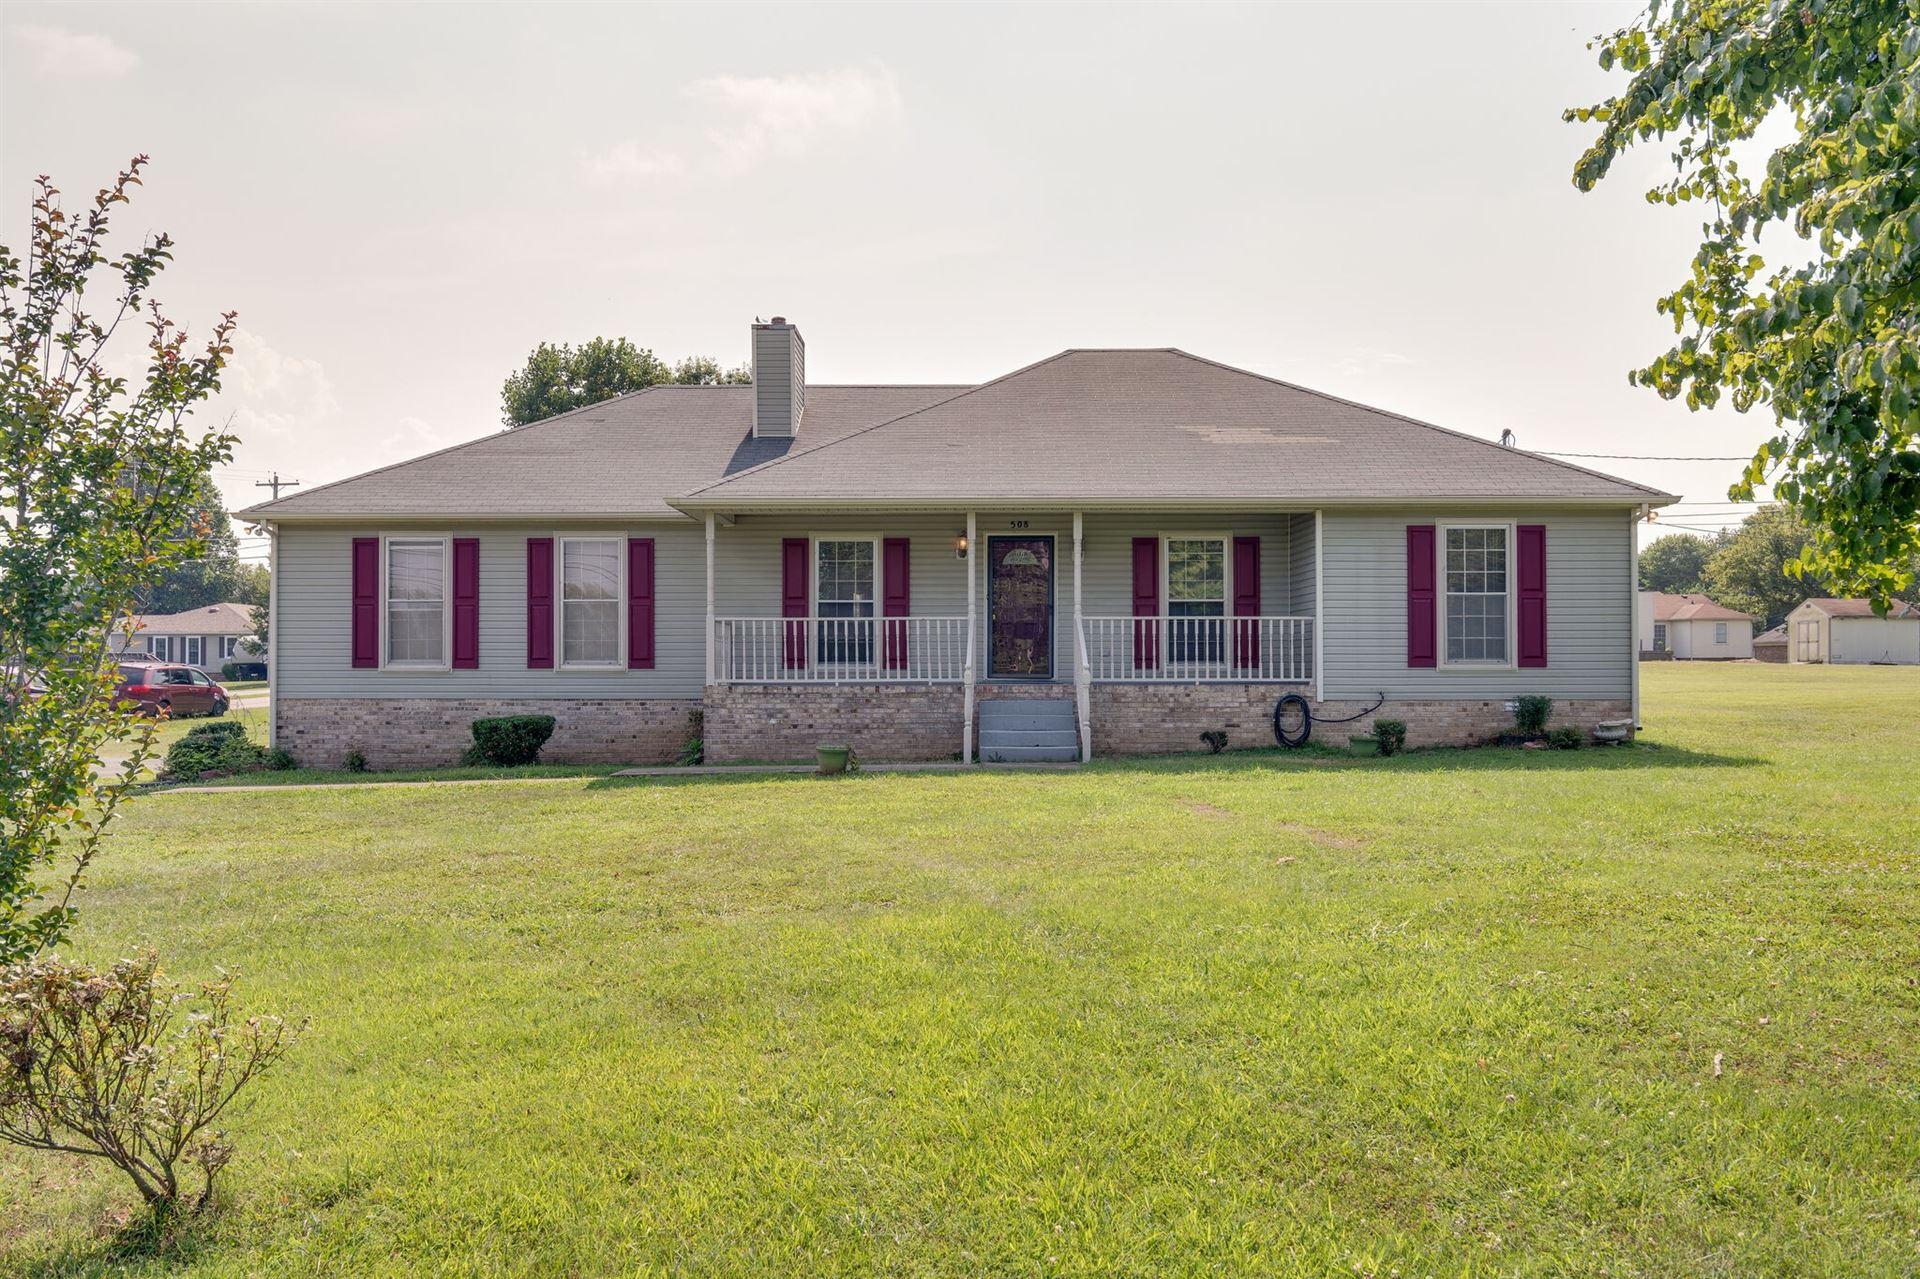 508 Rutherford Ln, Columbia, TN 38401 - MLS#: 2272400